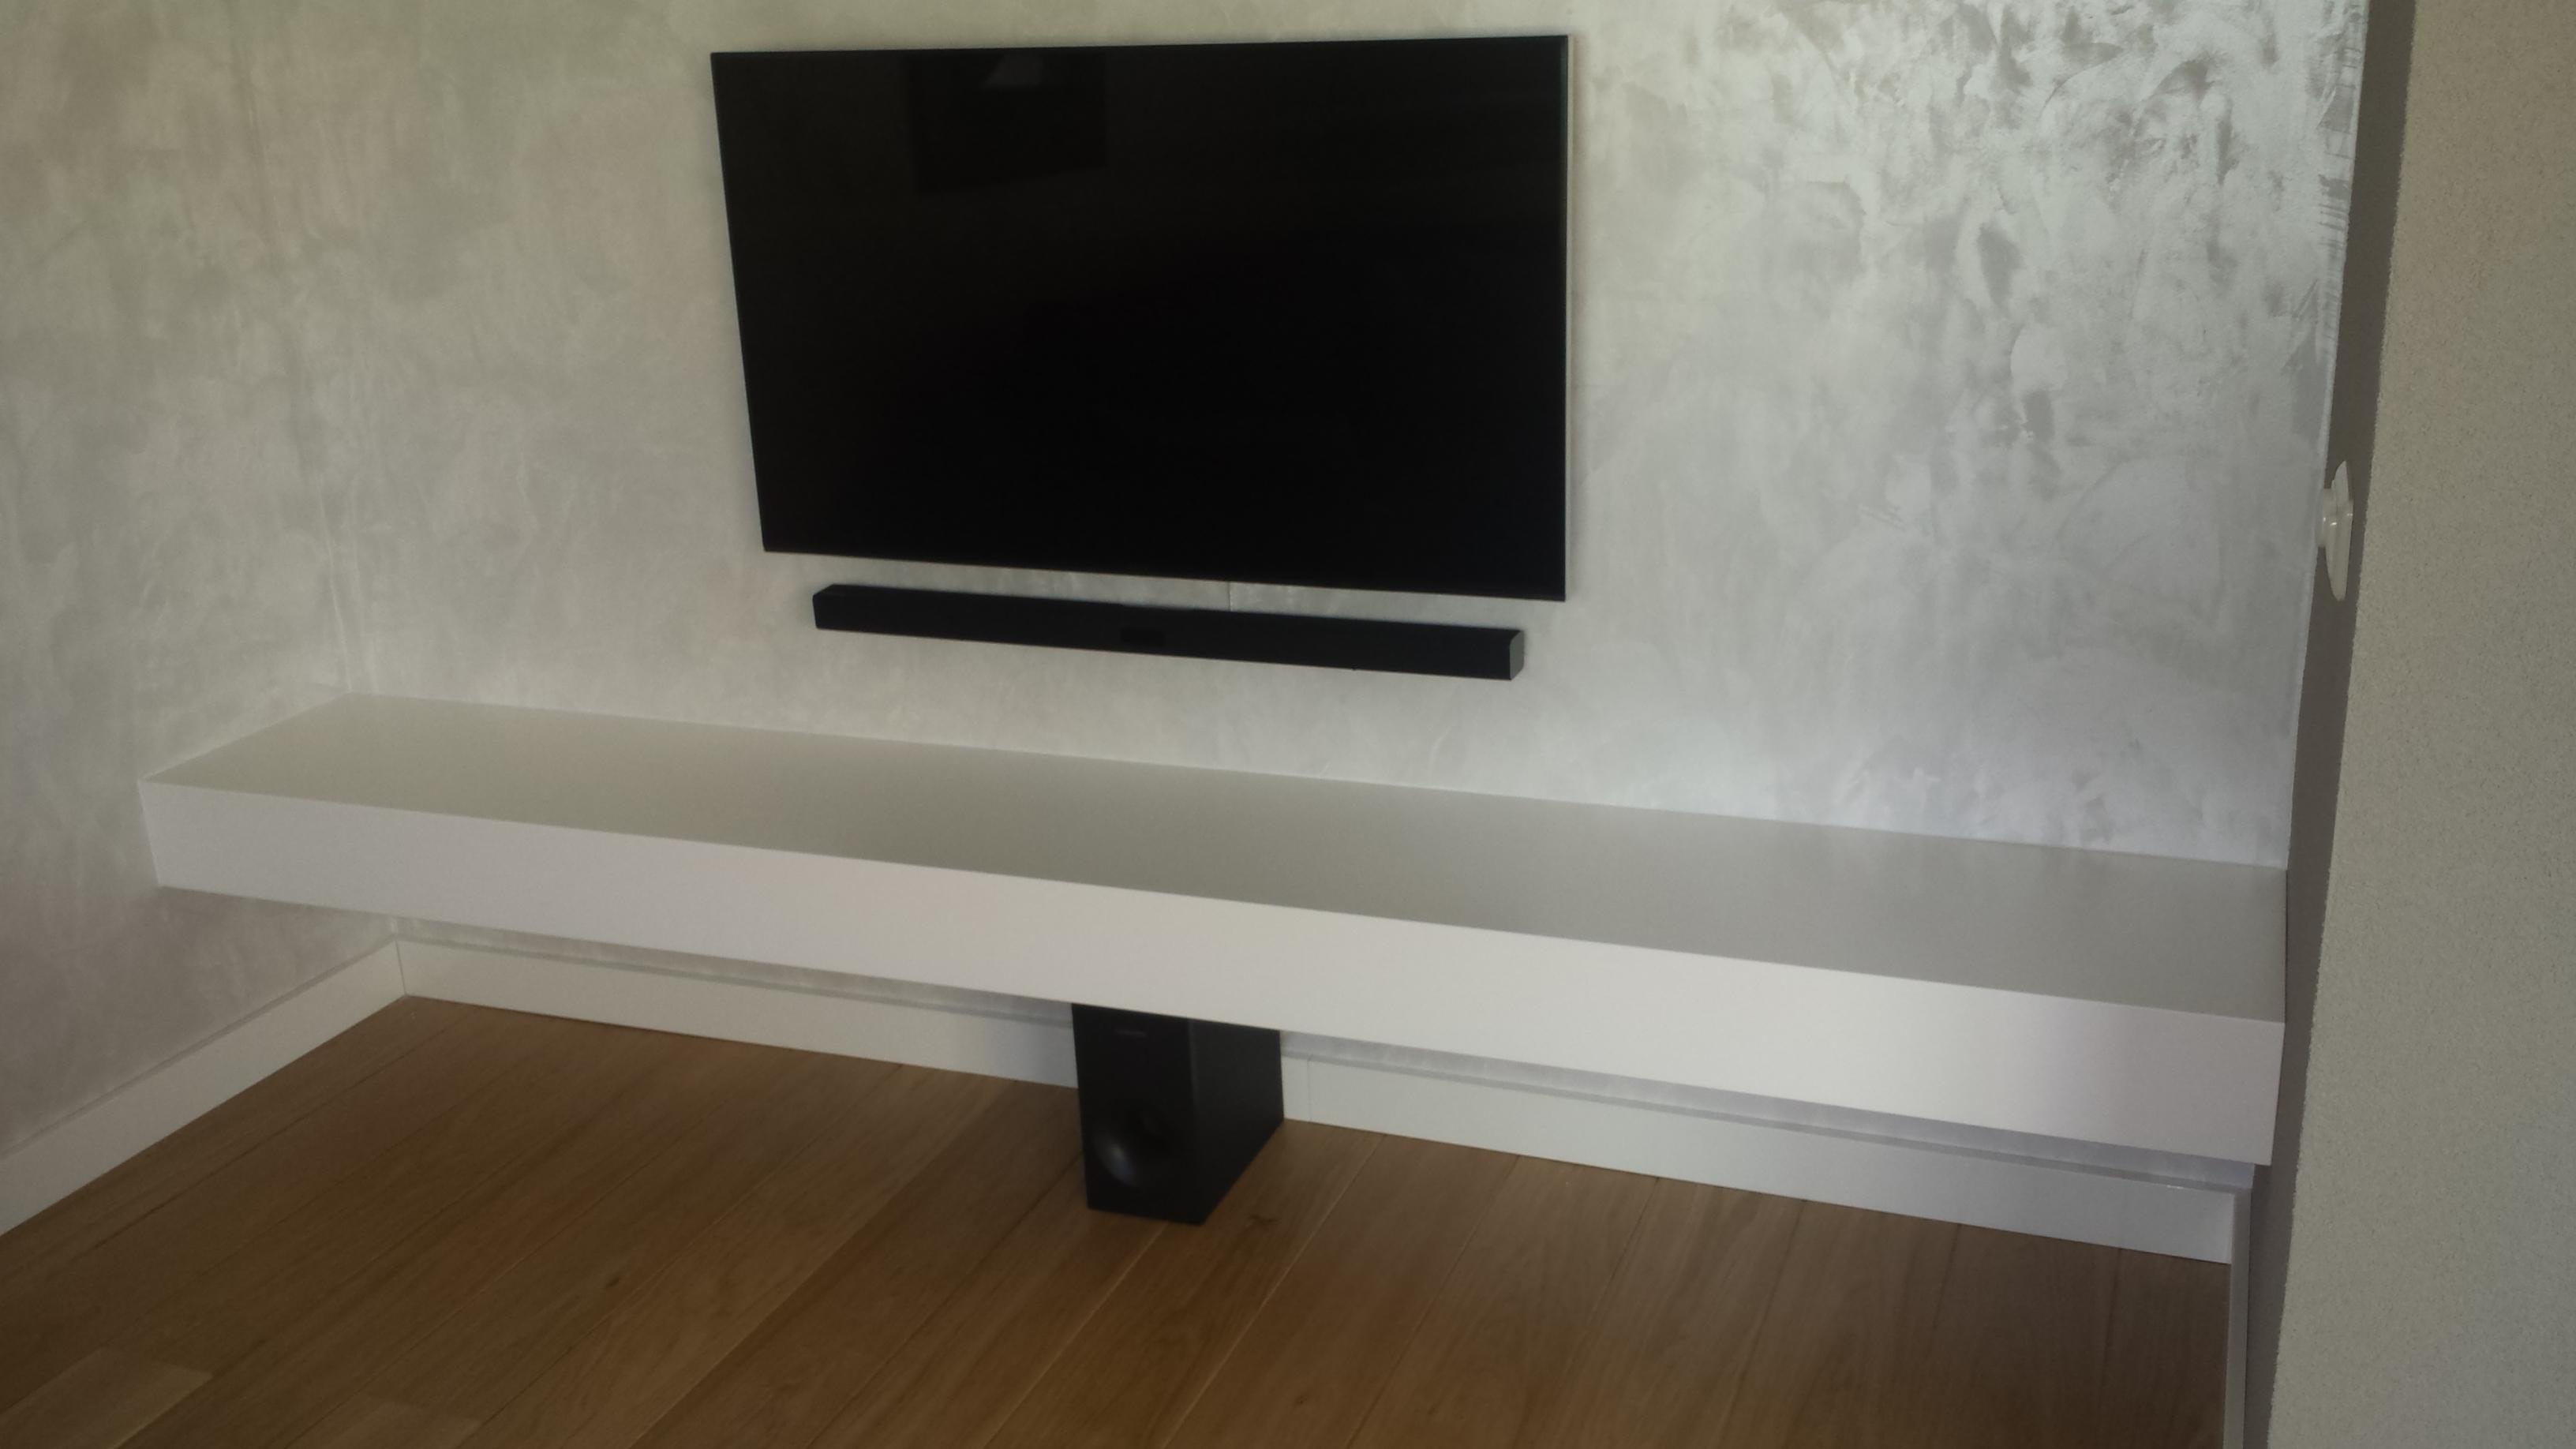 Kasten fw meubelmaker - Muur plank onder tv ...